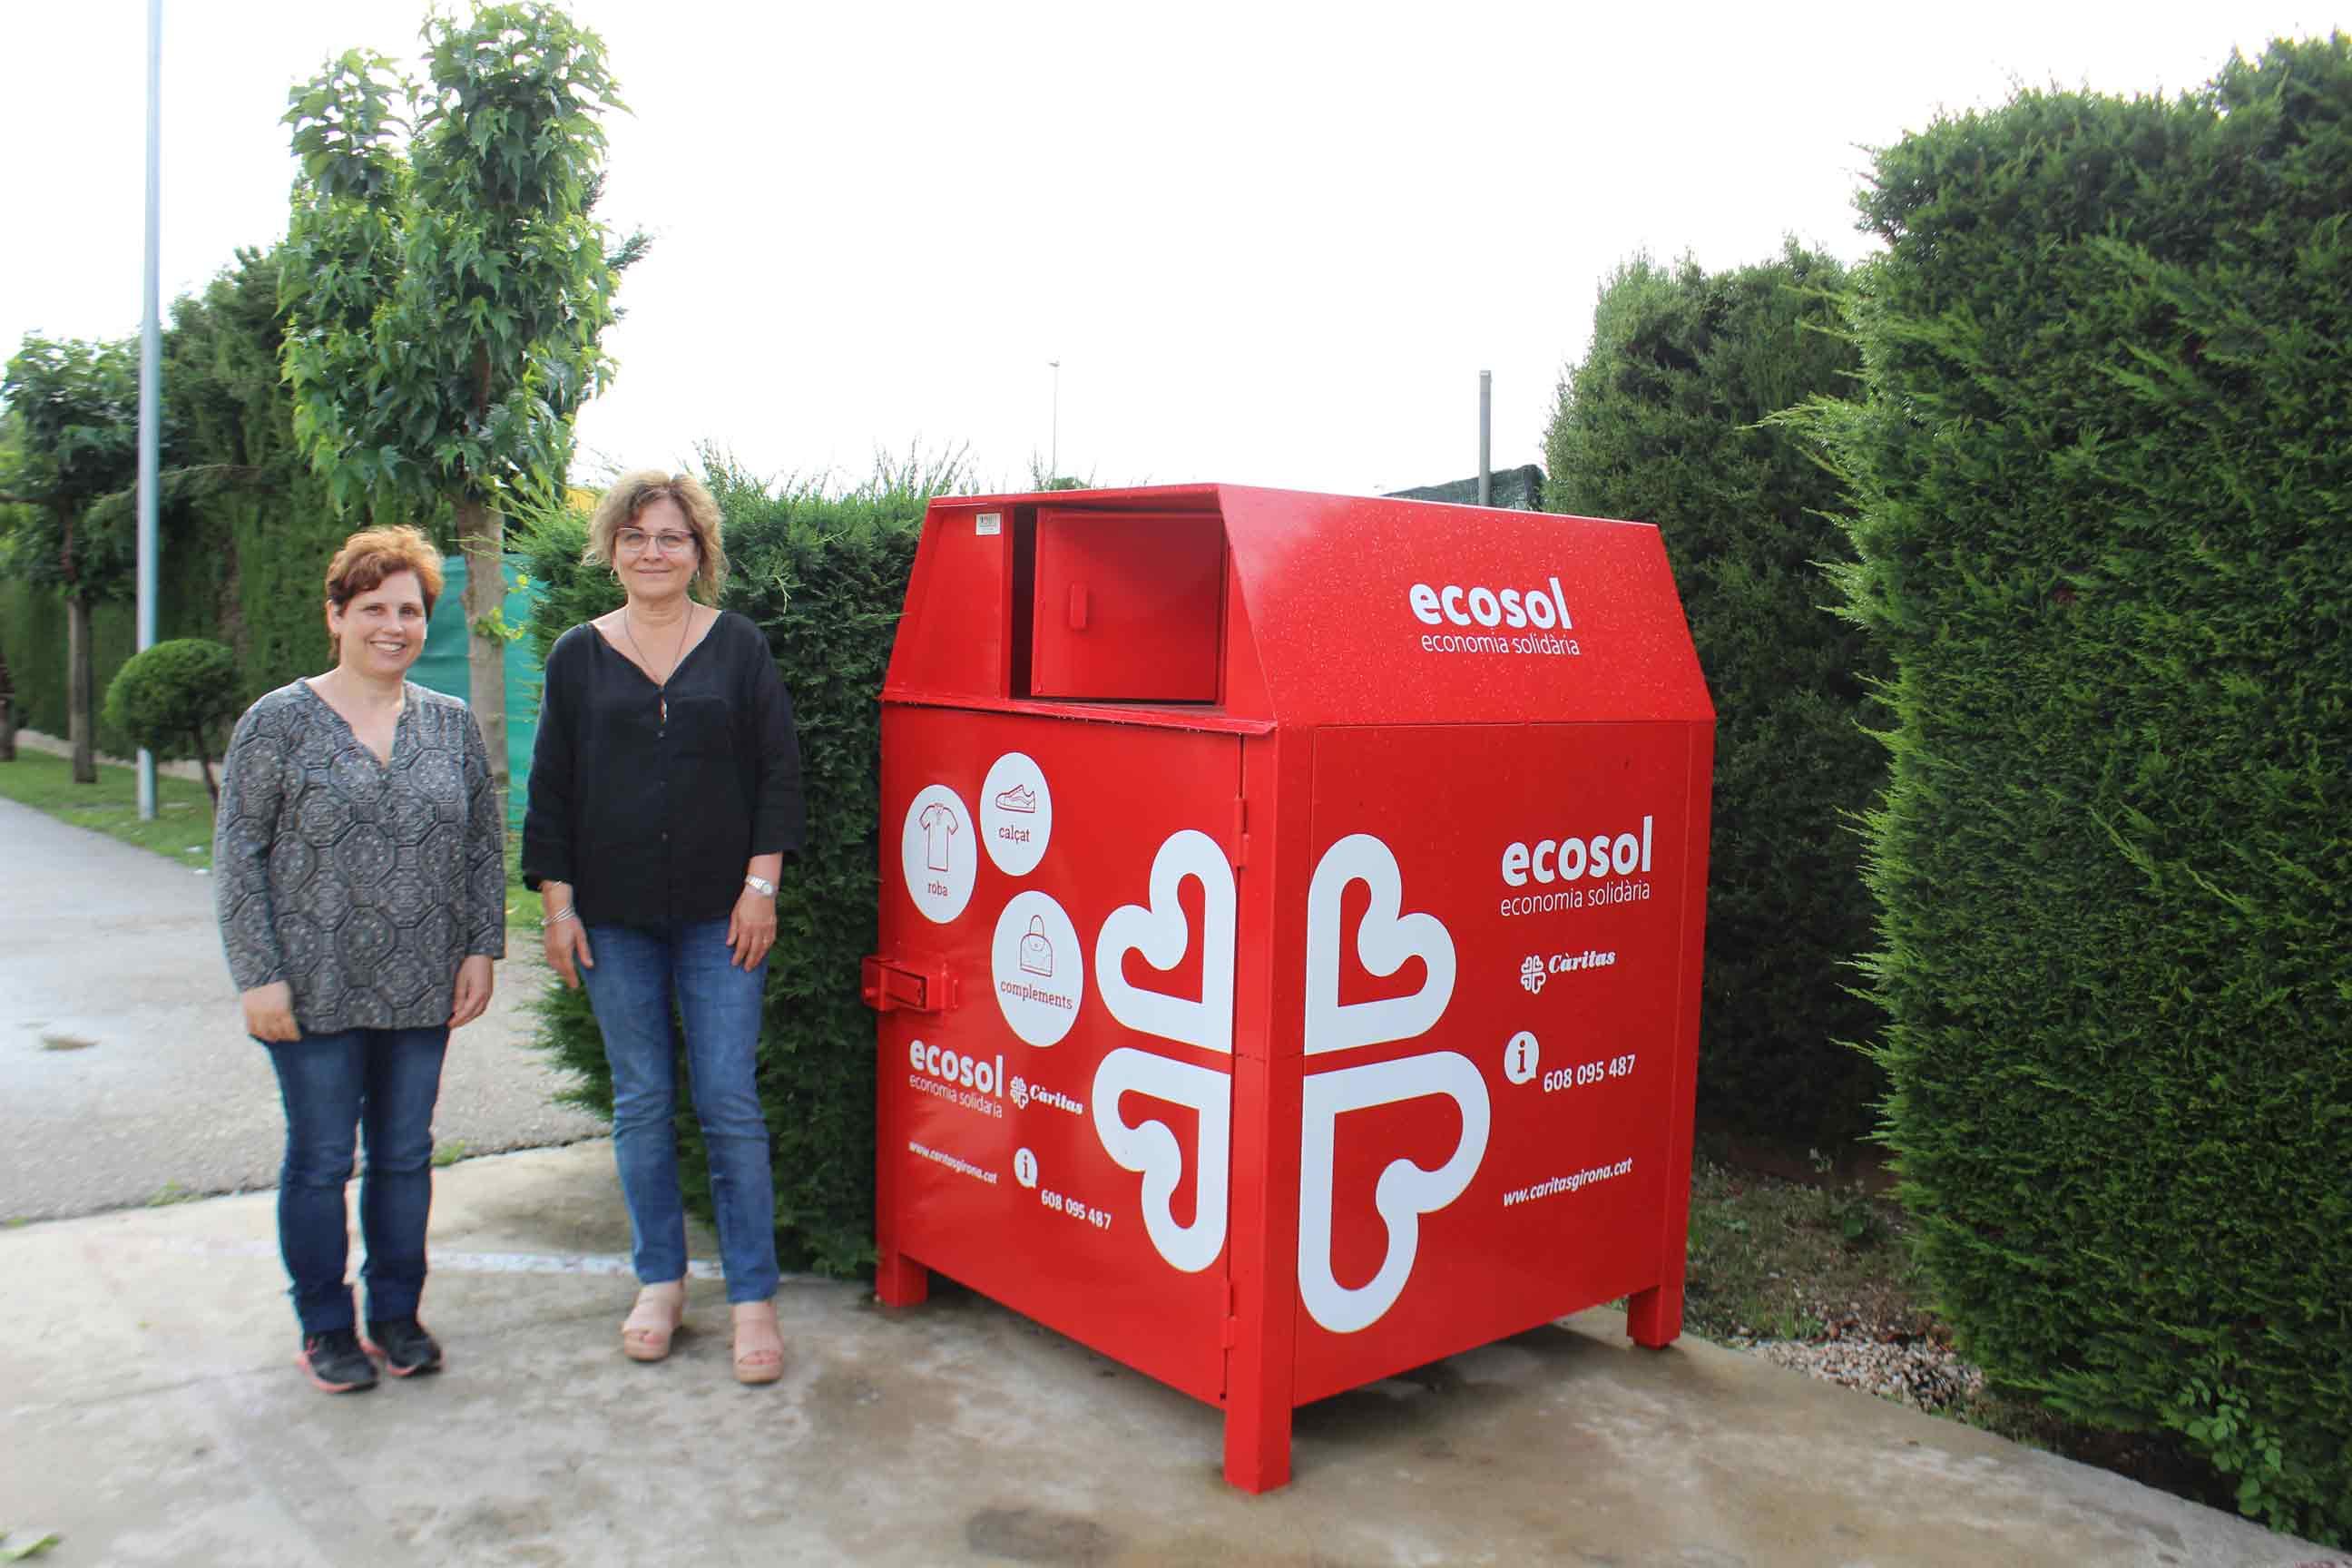 Ecosol instal·la un nou contenidor de recollida de roba usada al polígon Mas Xirgu de Girona